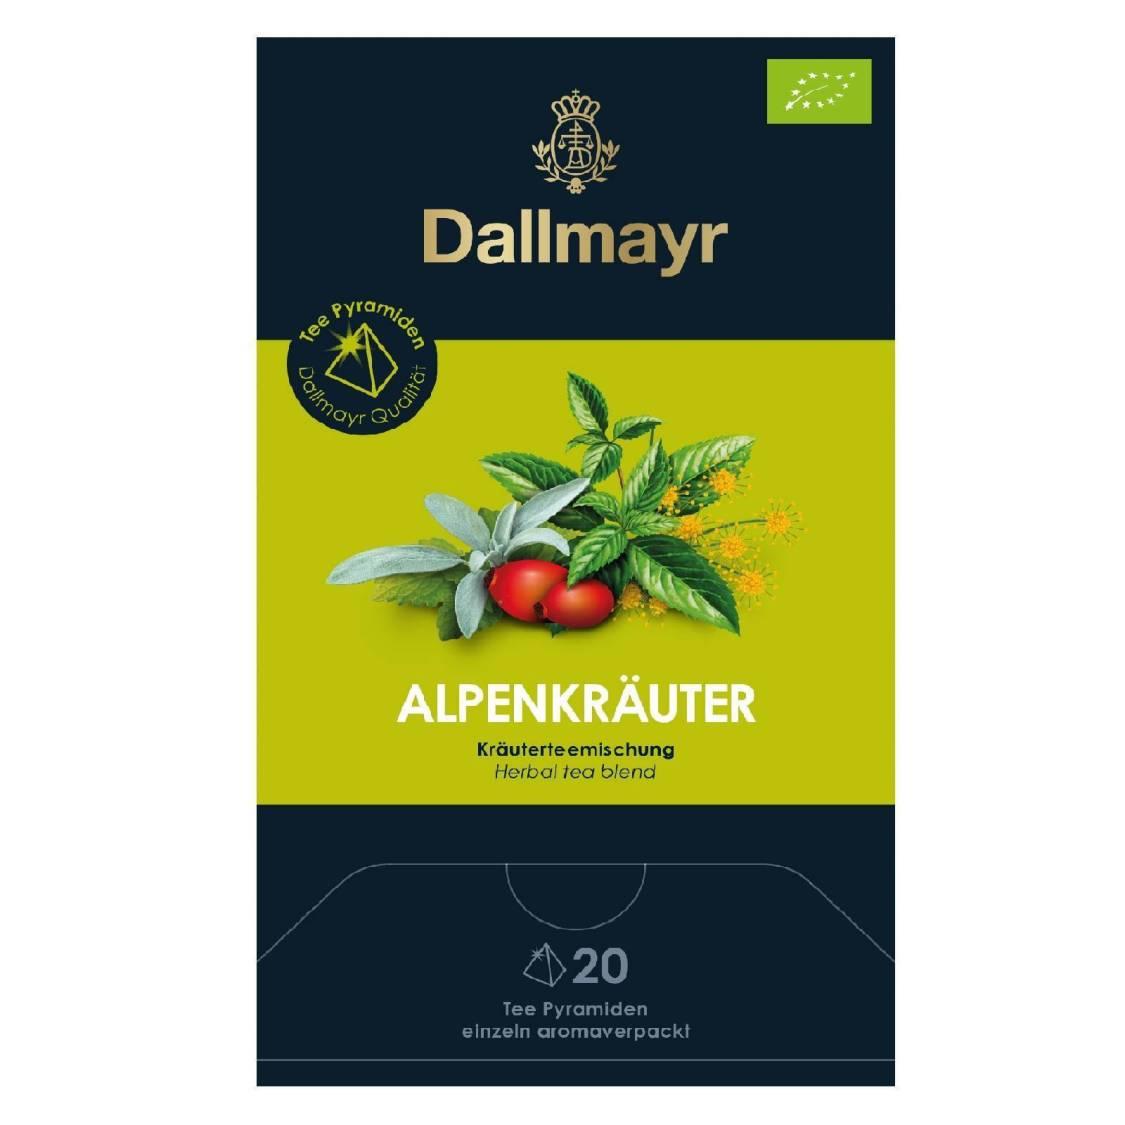 Dallmayr Tee Pyramiden Alpenkräuter Bio 20 x 2,5g